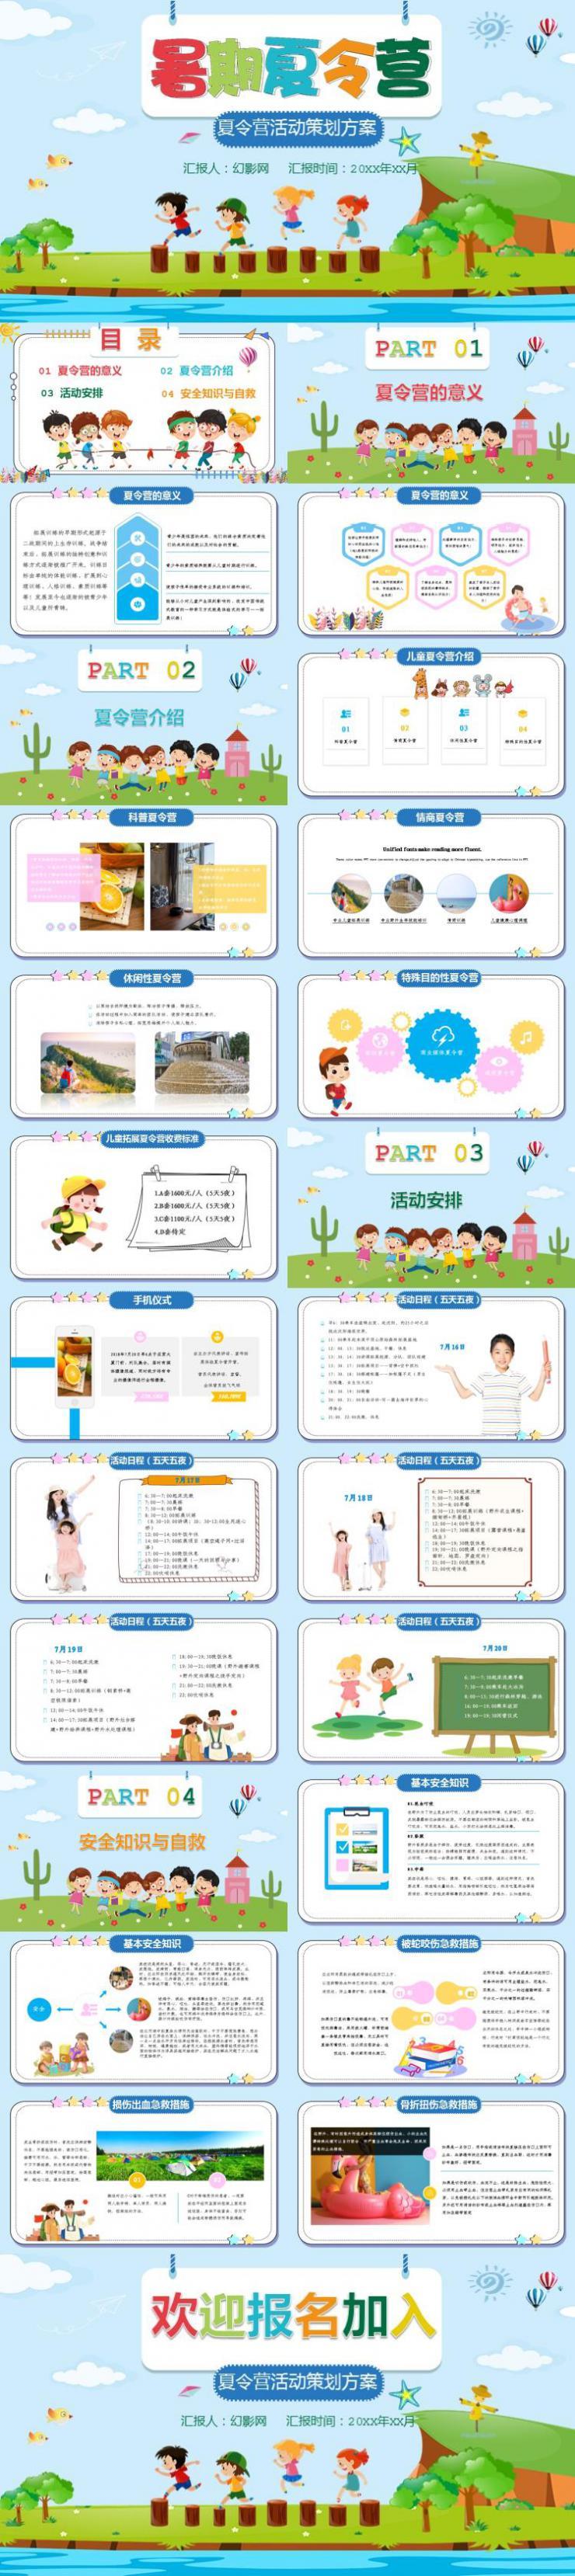 暑假夏令营活动策划PPT模板下载